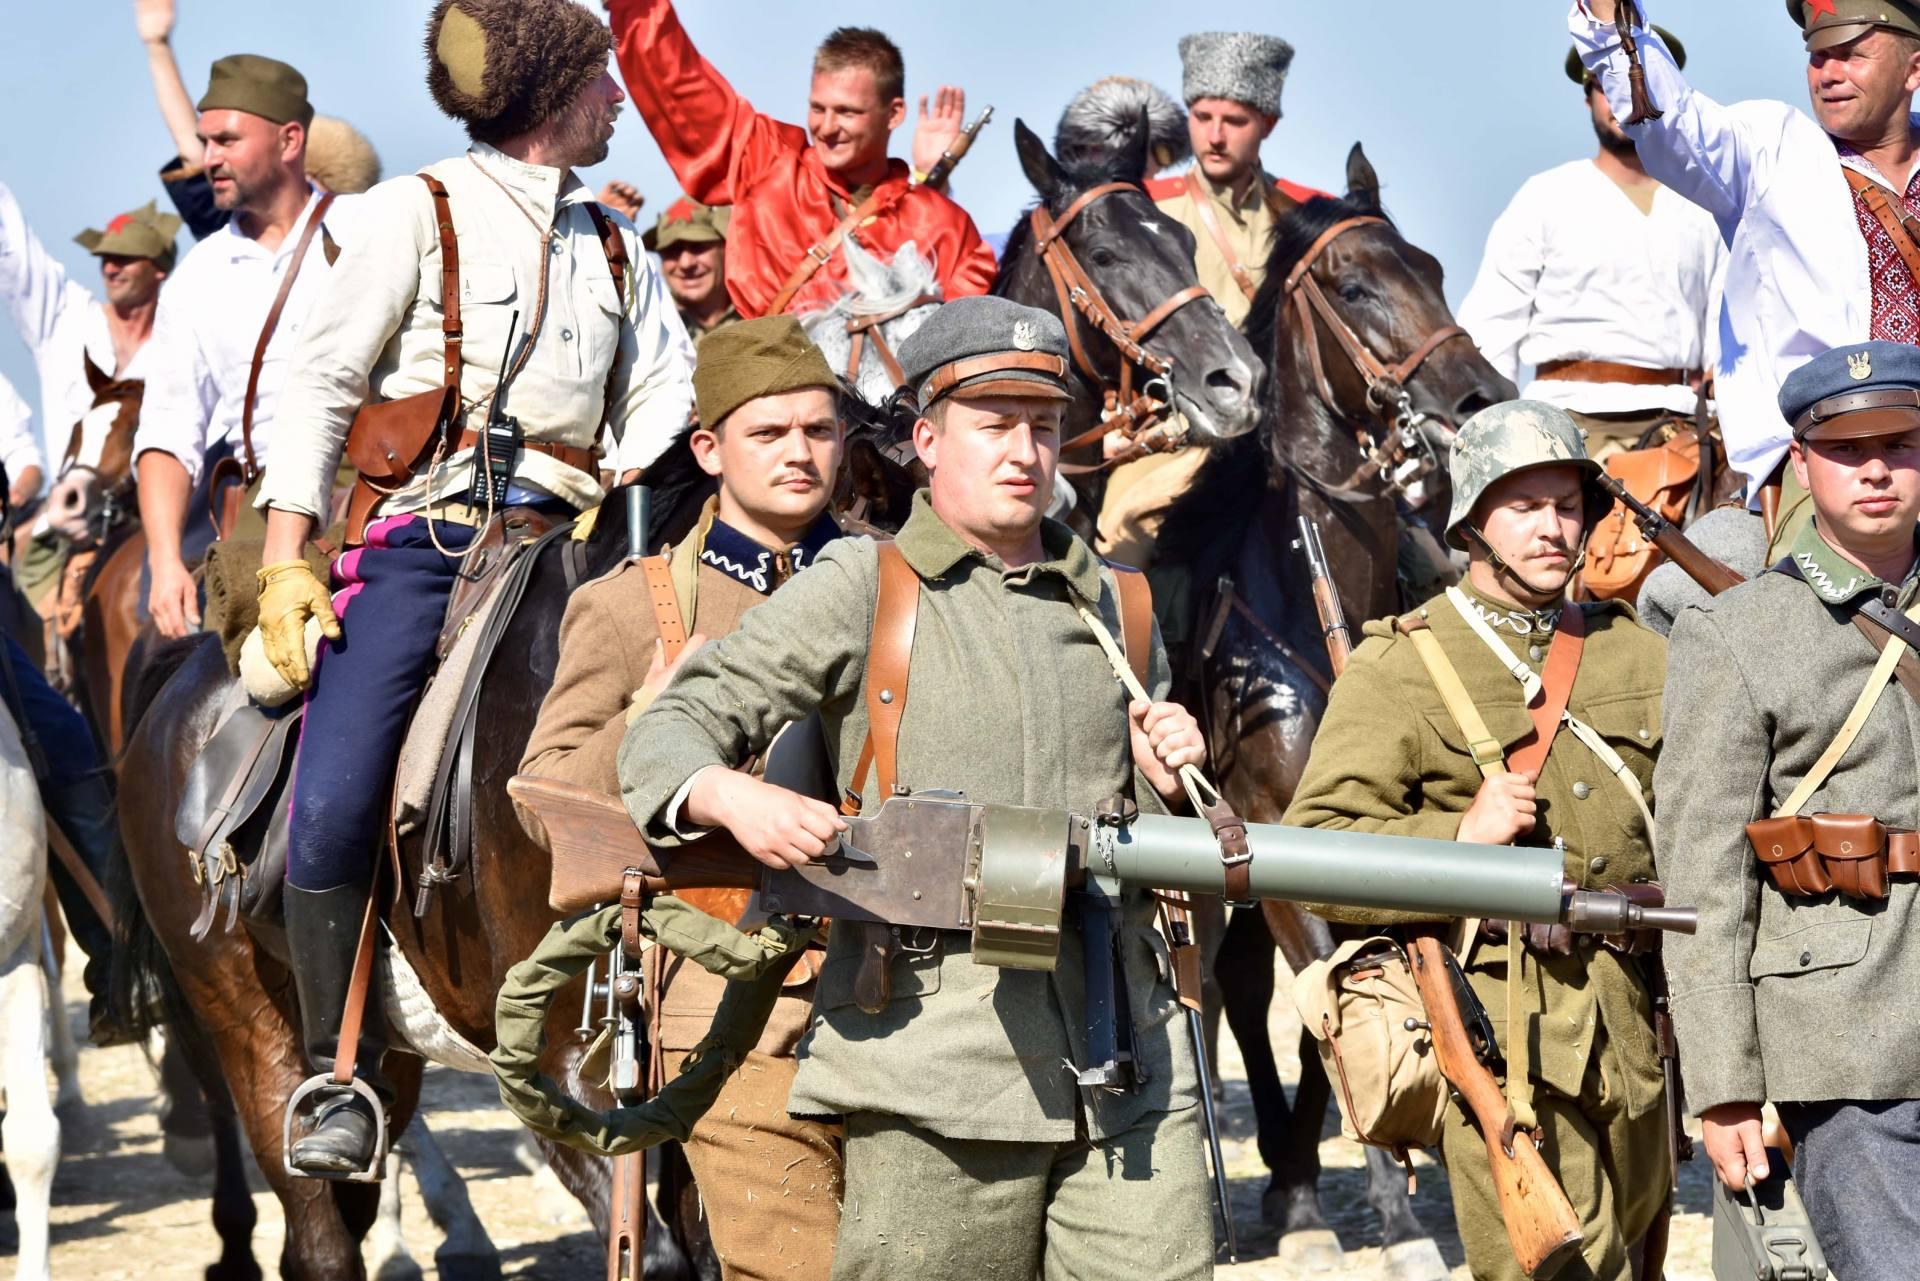 dsc 1113 Czas szabli - 100 rocznica bitwy pod Komarowem(zdjęcia)